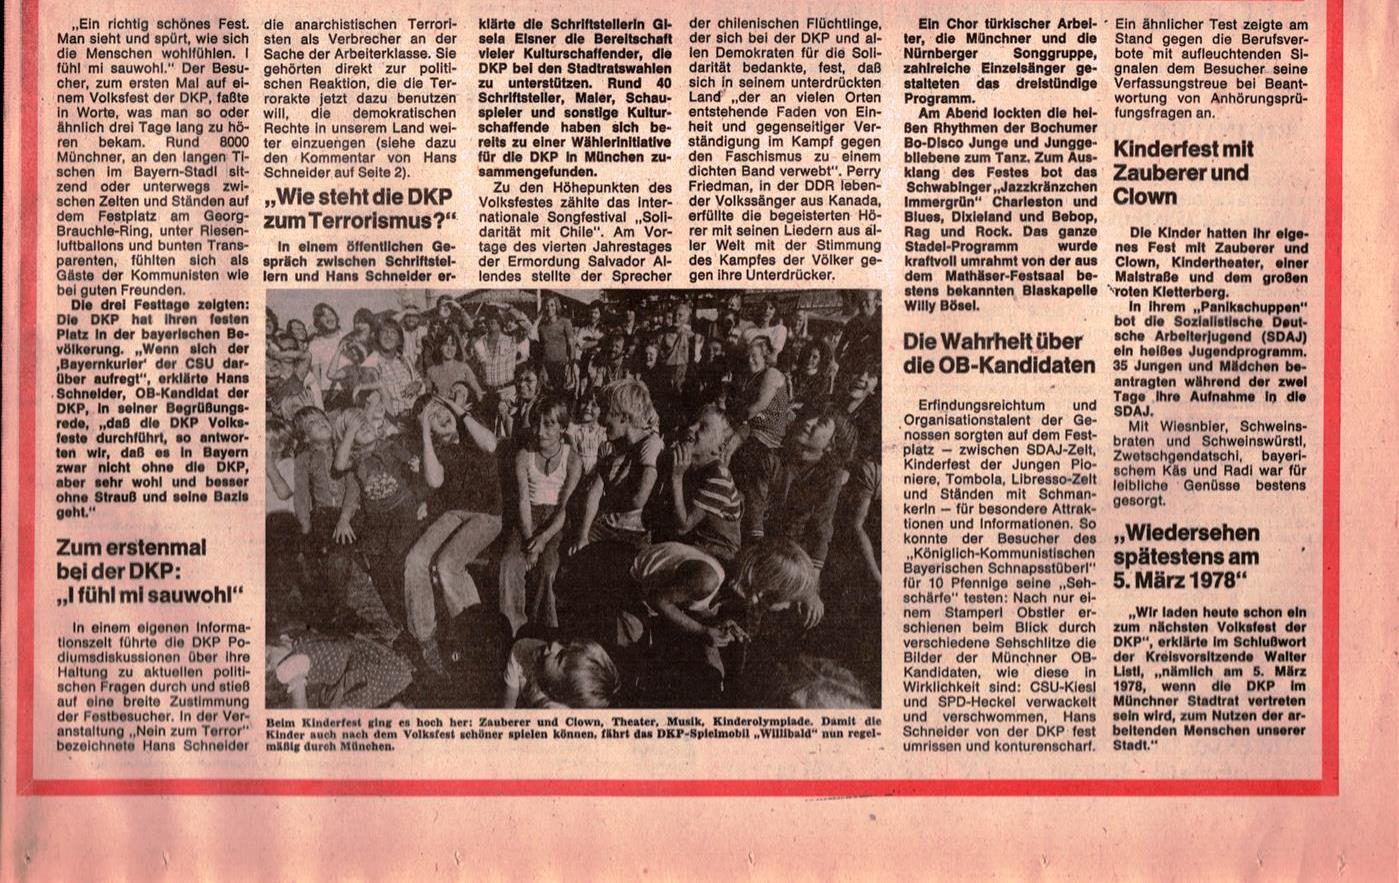 Muenchen_DKP_Neues_Muenchen_19771000_010_010